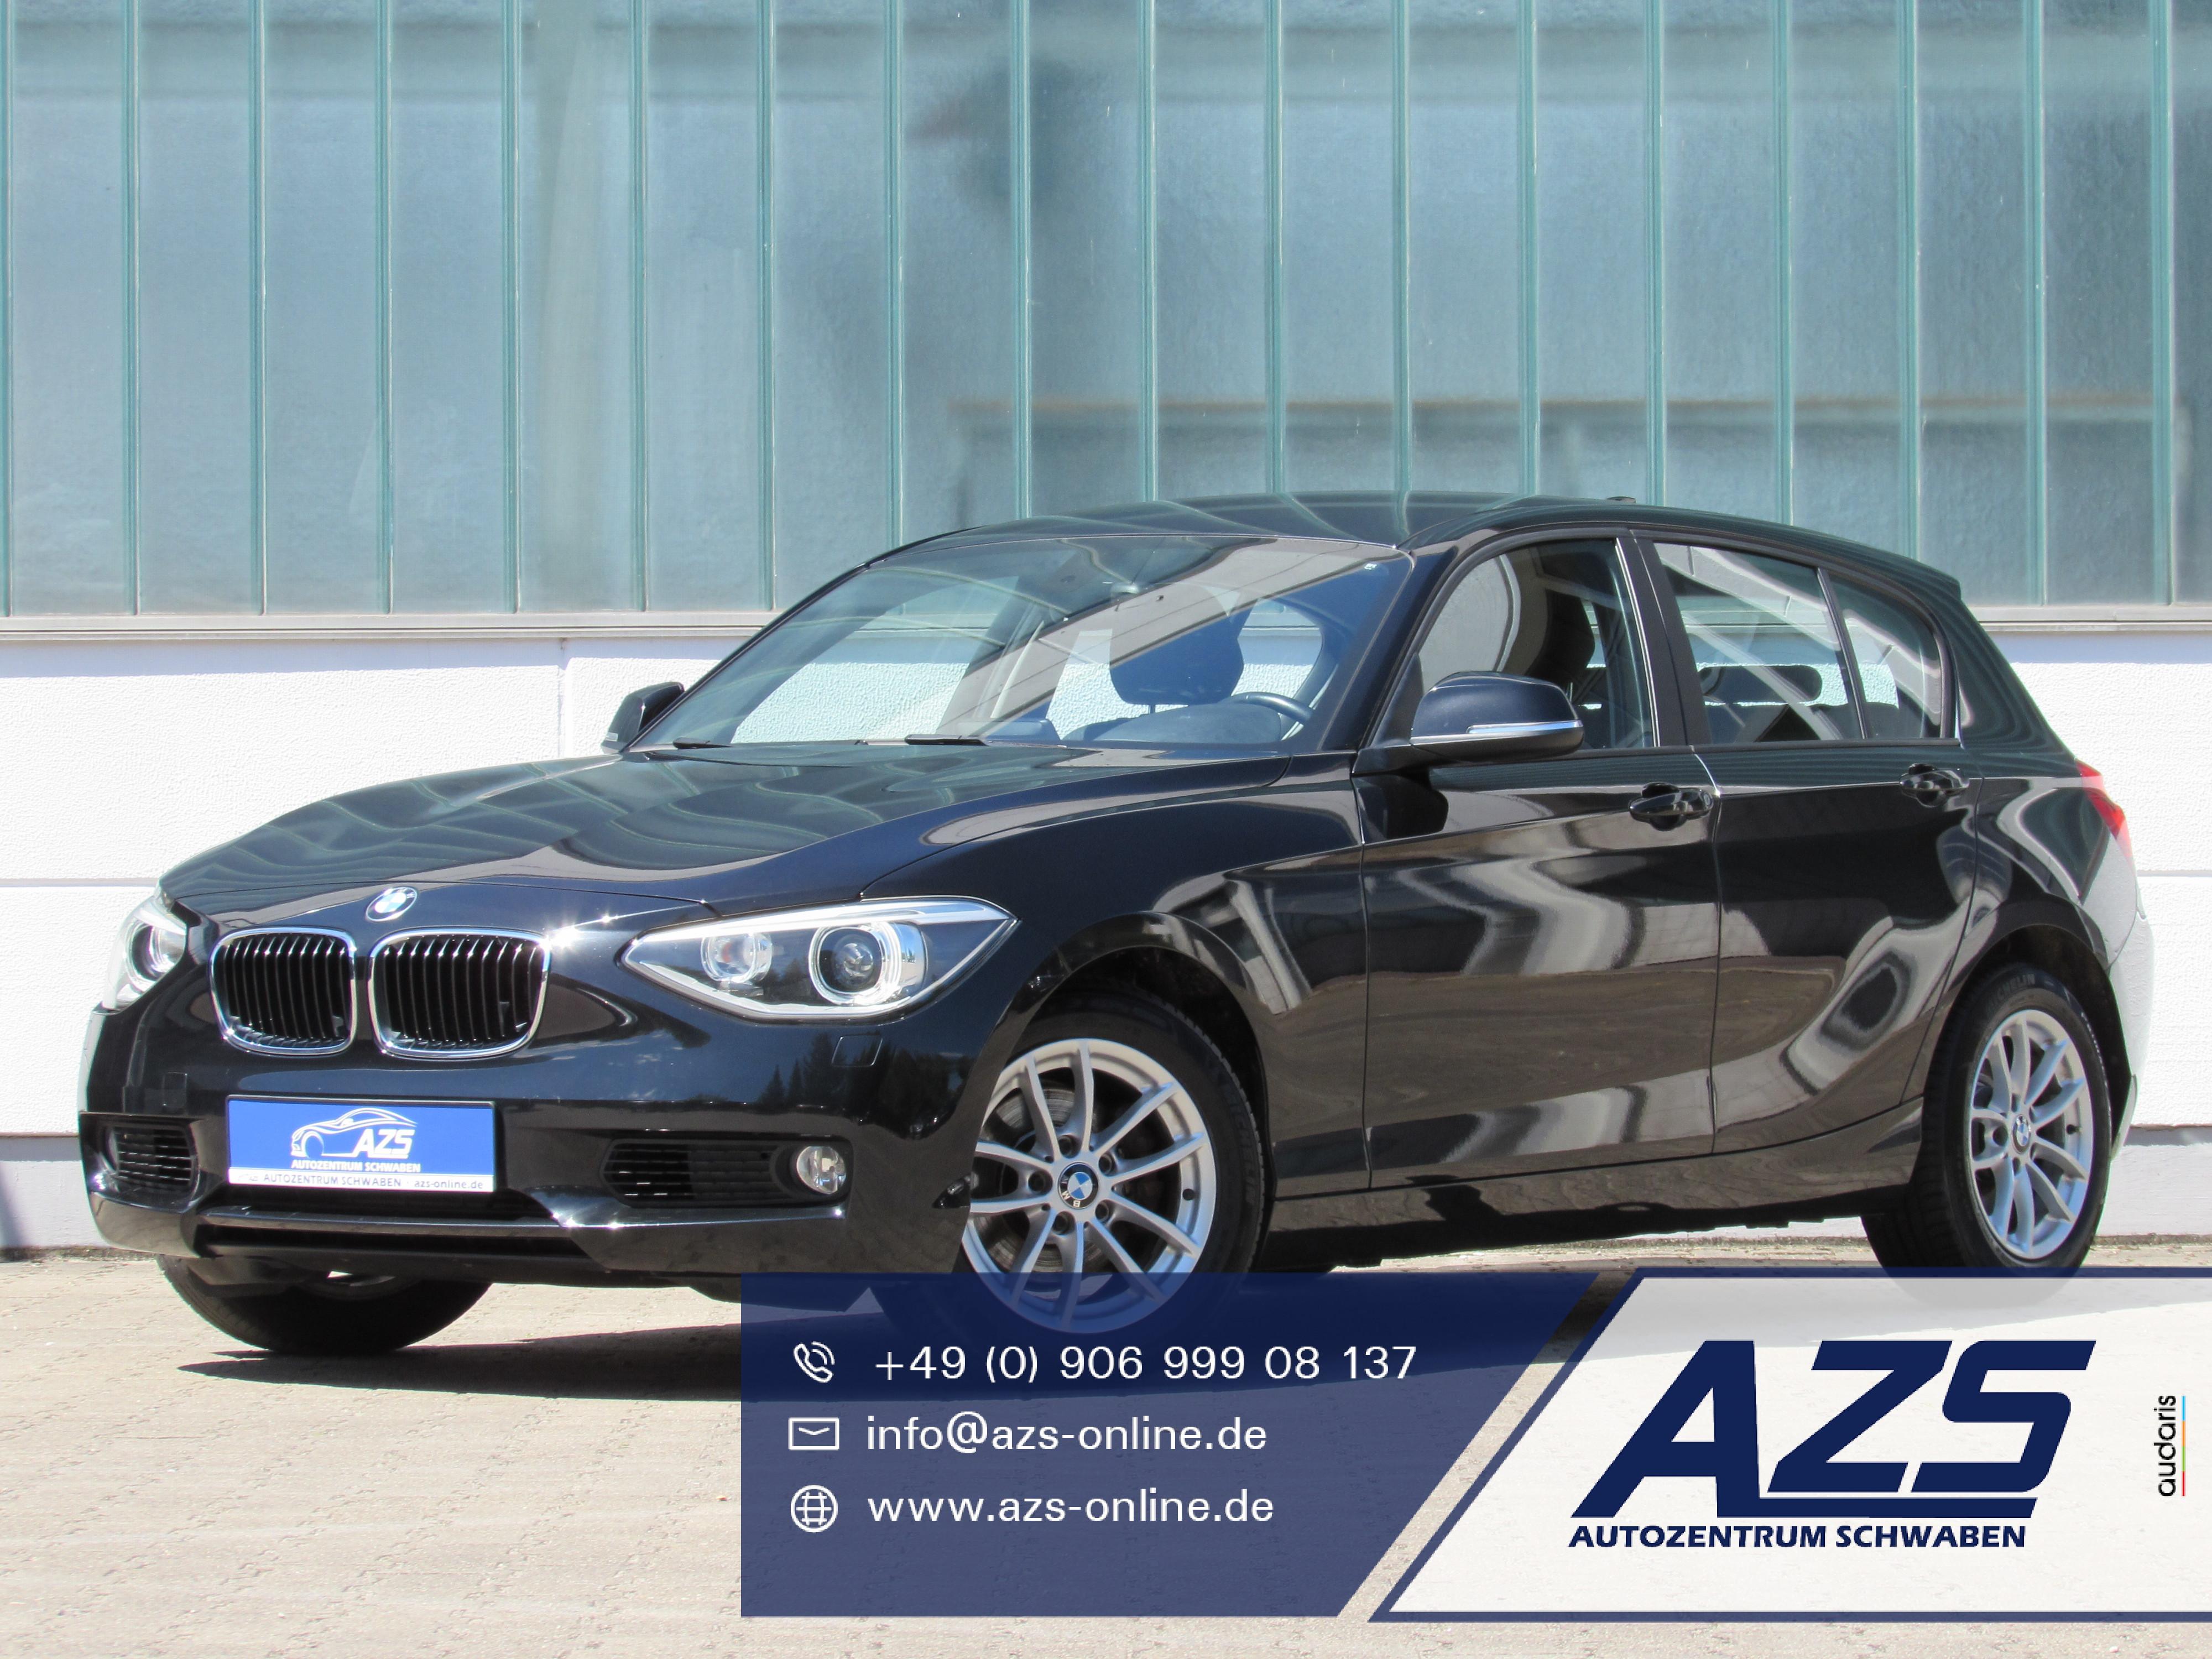 BMW 120d   Xenon   Klimaauto   LMF   AHK   1,99%  , Jahr 2013, Diesel